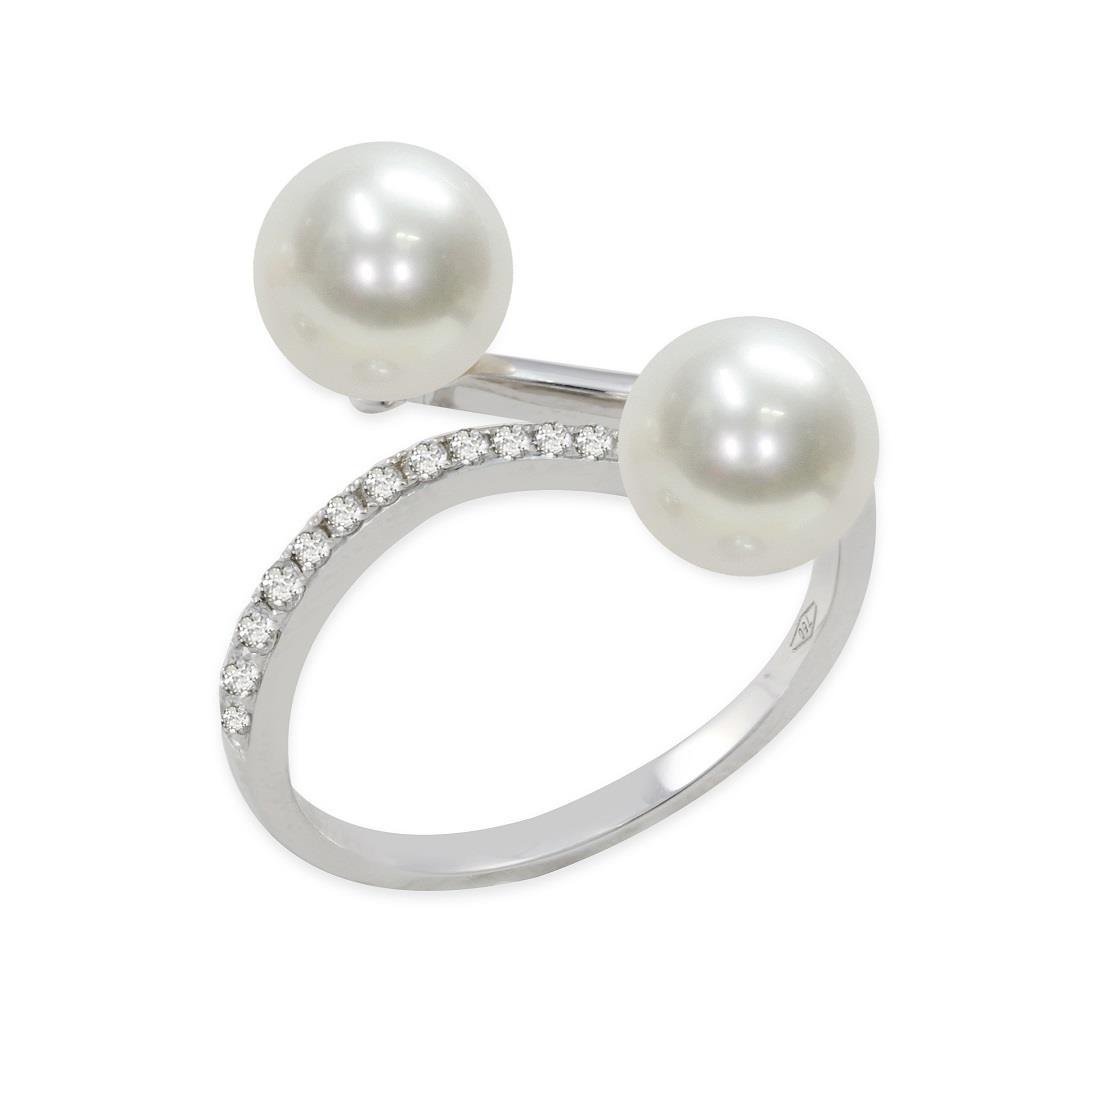 Anello con diamanti e perle Akoya - MAYUMI